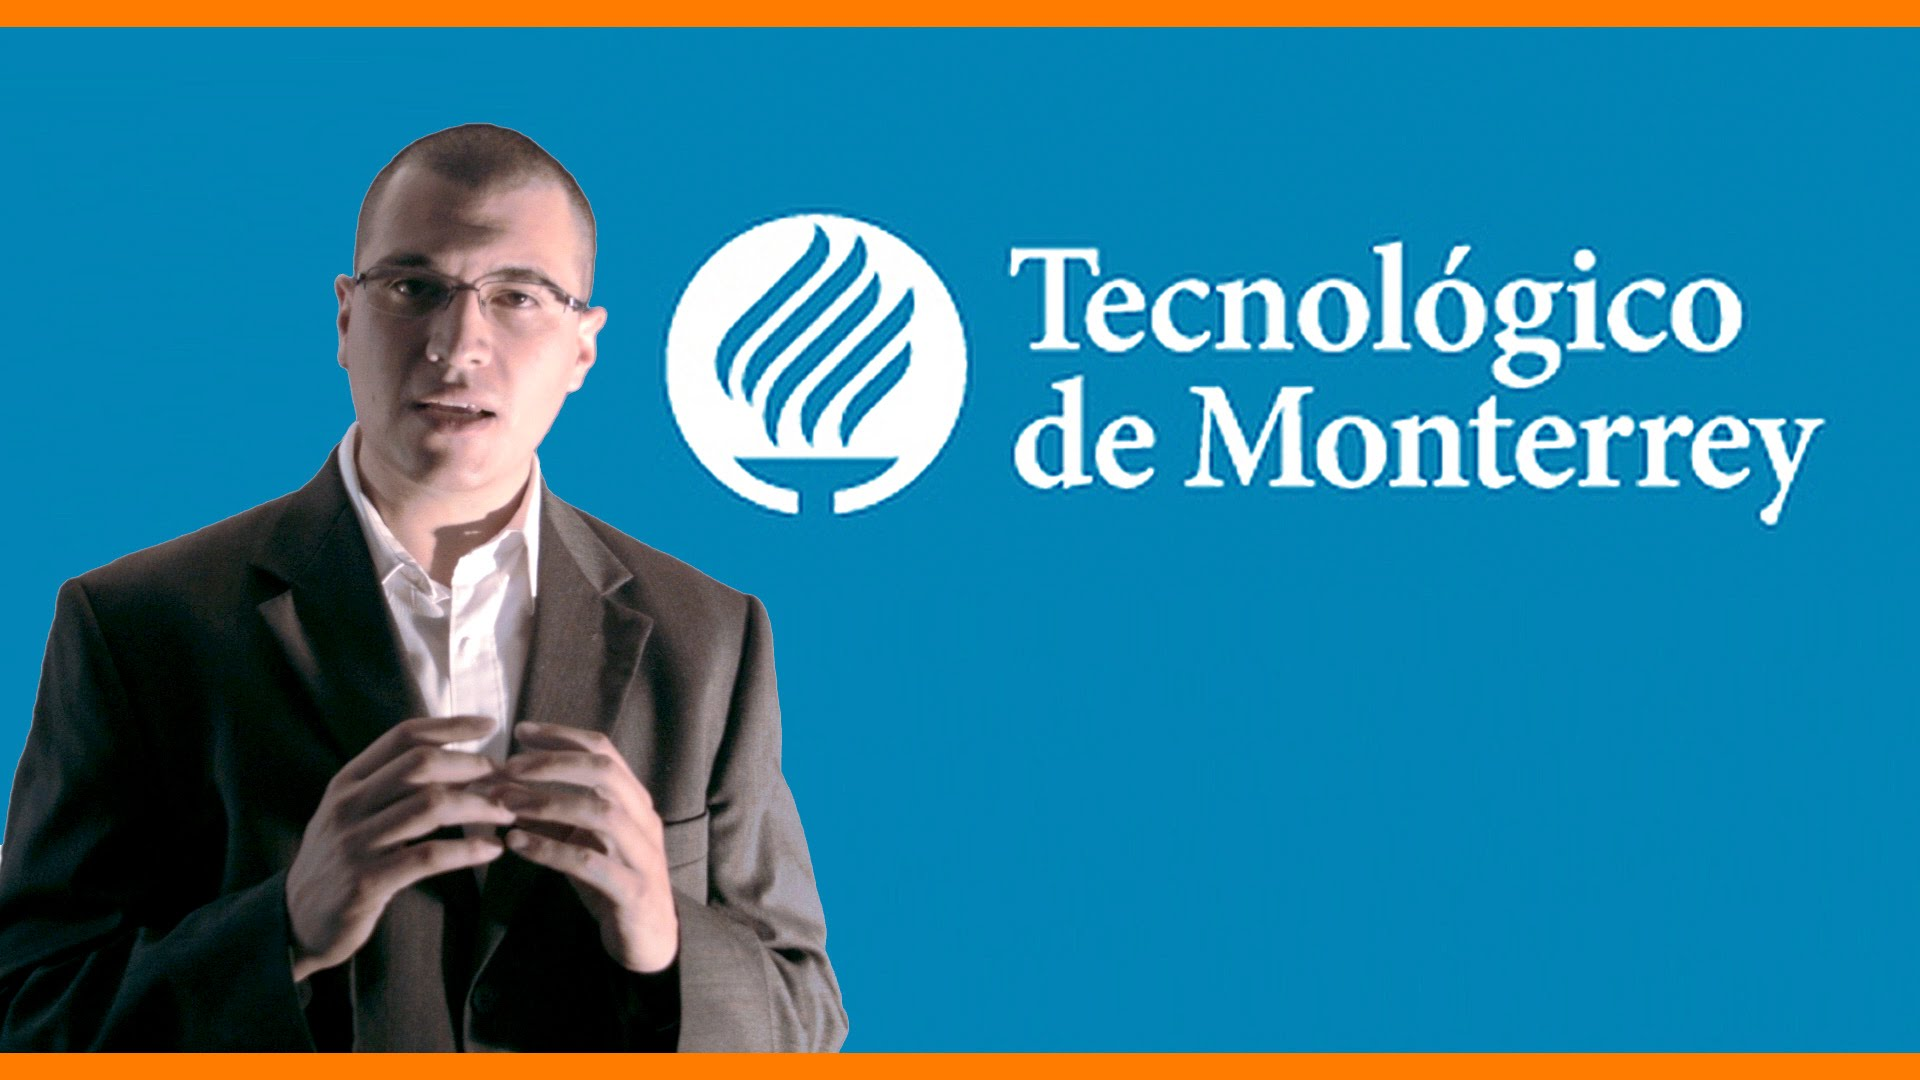 Nuevo logo del Tecnológico de Monterrey – Logo ITESM 2014